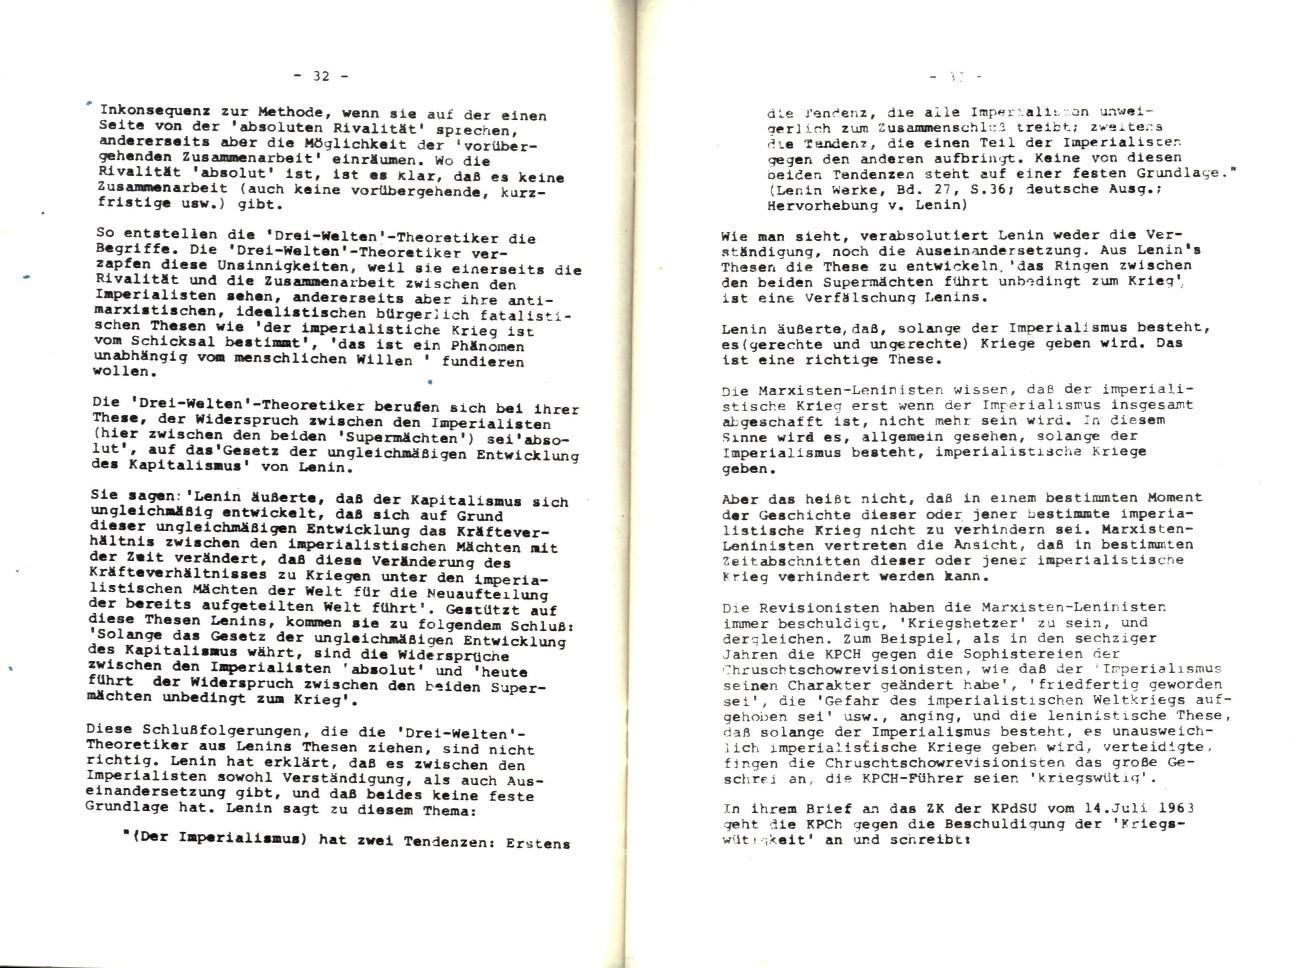 MLSK_Theorie_und_Praxis_des_ML_1978_21_25